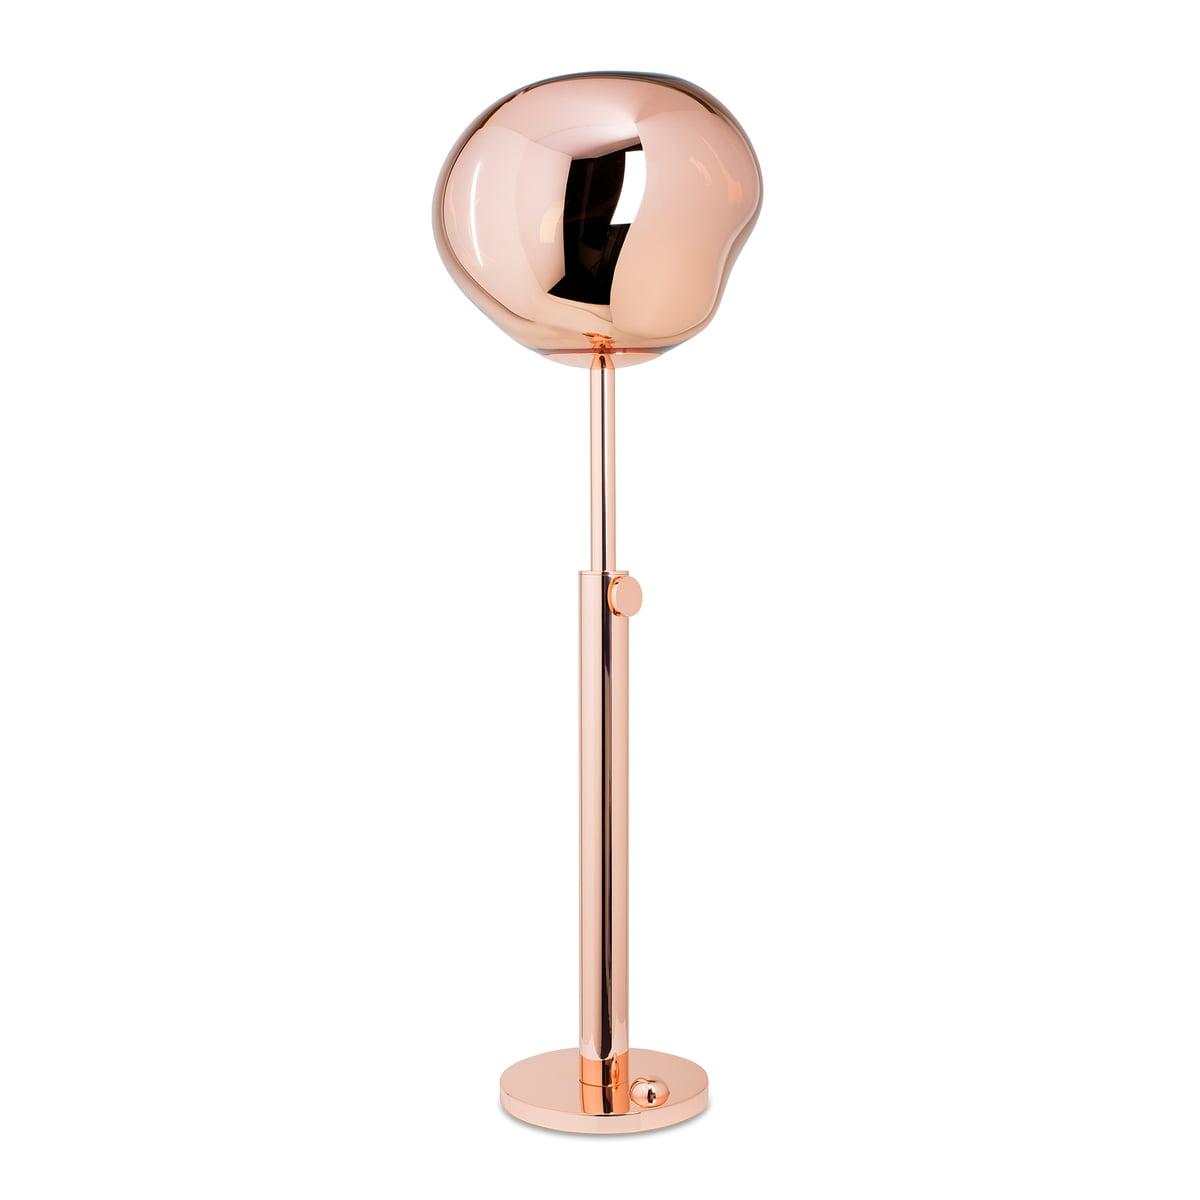 Inspirierend Stehlampe Kupfer Dekoration Von Die Tom Dixon - Melt Stehleuchte In